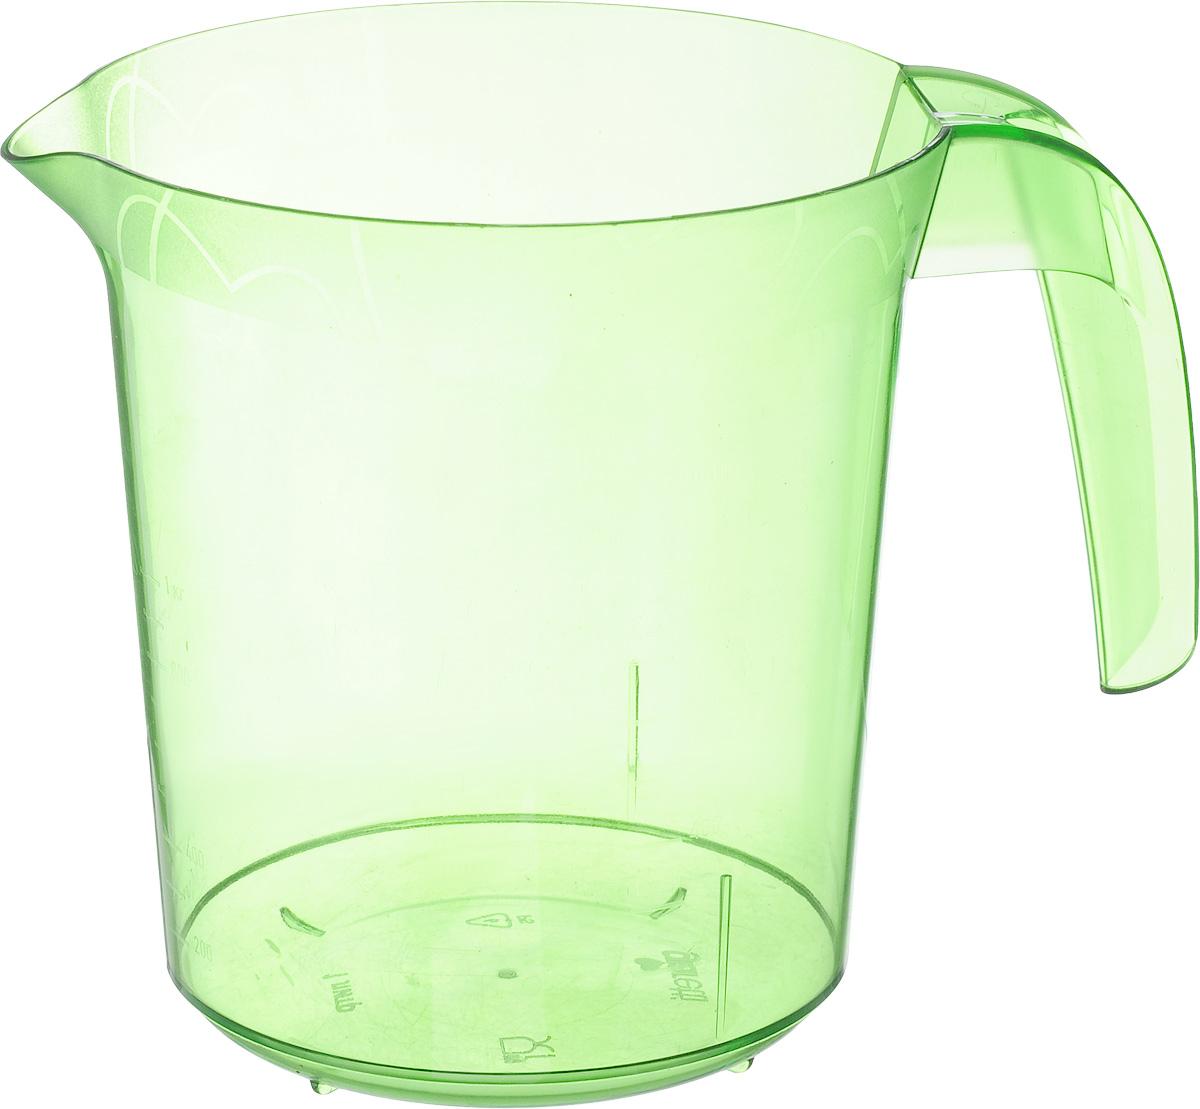 Стакан мерный Giaretti, цвет: зеленый, 1 лGR3056_зеленыйМерный прозрачный стакан Giaretti выполнен из высококачественного пластика. Стакан оснащен удобной ручкой и носиком, которые делают изделие еще более простым в использовании. Он позволяет мерить жидкости до 1 л. Удобная форма стакана позволяет как отмерить необходимое количество продукта, так и взбить/замесить его непосредственно в прямо в этой же емкости. Такой стаканчик пригодится каждой хозяйке на кухне, ведь зачастую приготовление некоторых блюд требует известной точности. Объем: 1 л. Диаметр (по верхнему краю): 13,5 см. Высота: 15 см.